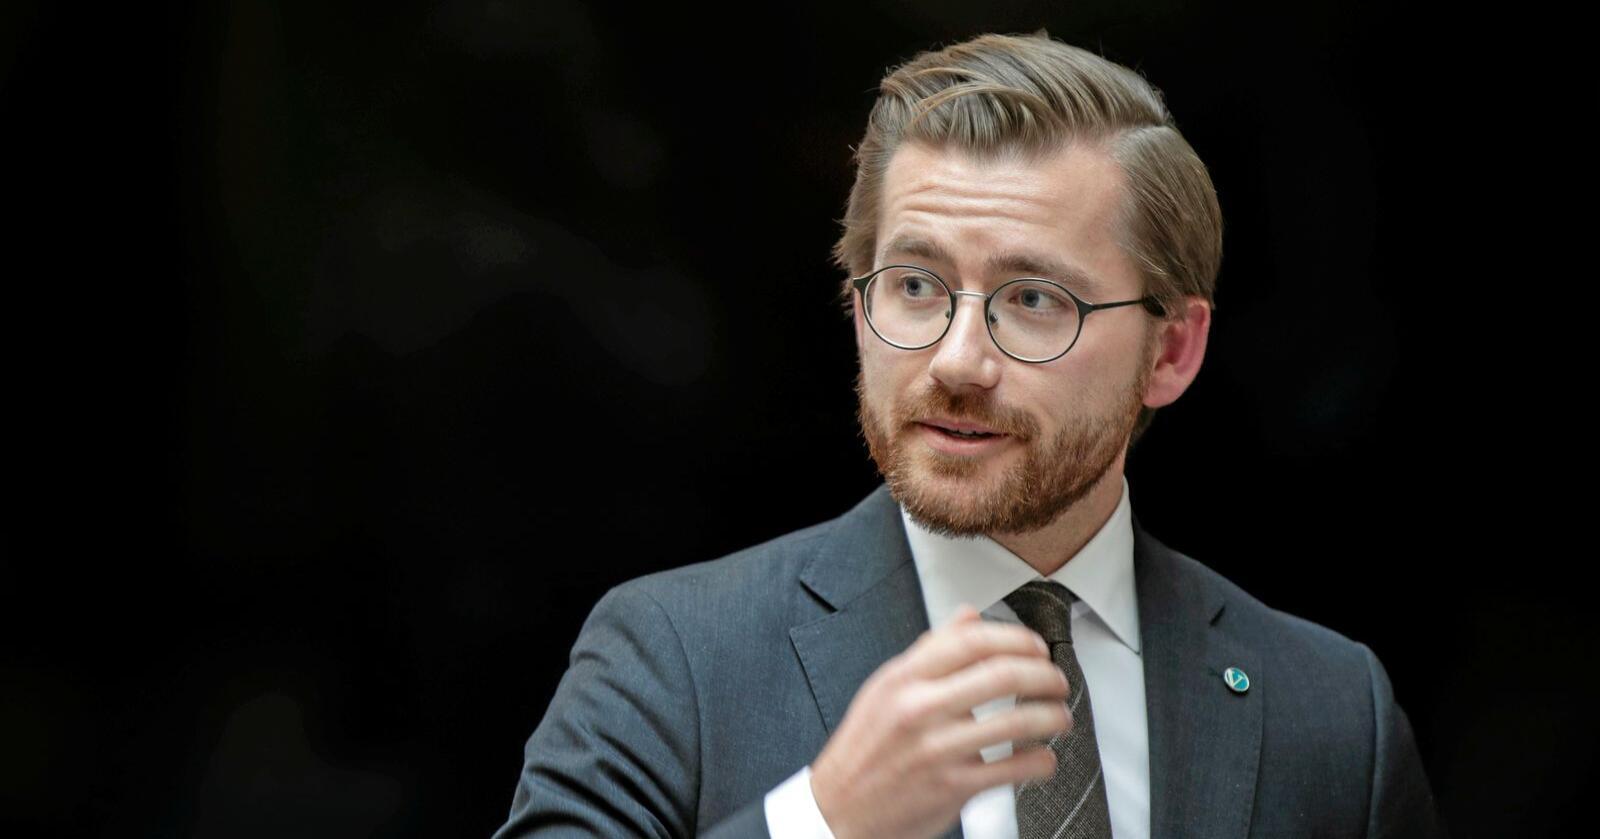 En rekke organisasjoner krever at regjeringen og klima- og miljøminister Sveinung Rotevatn skaper flere klimajobber. Foto: Vidar Ruud / NTB scanpix